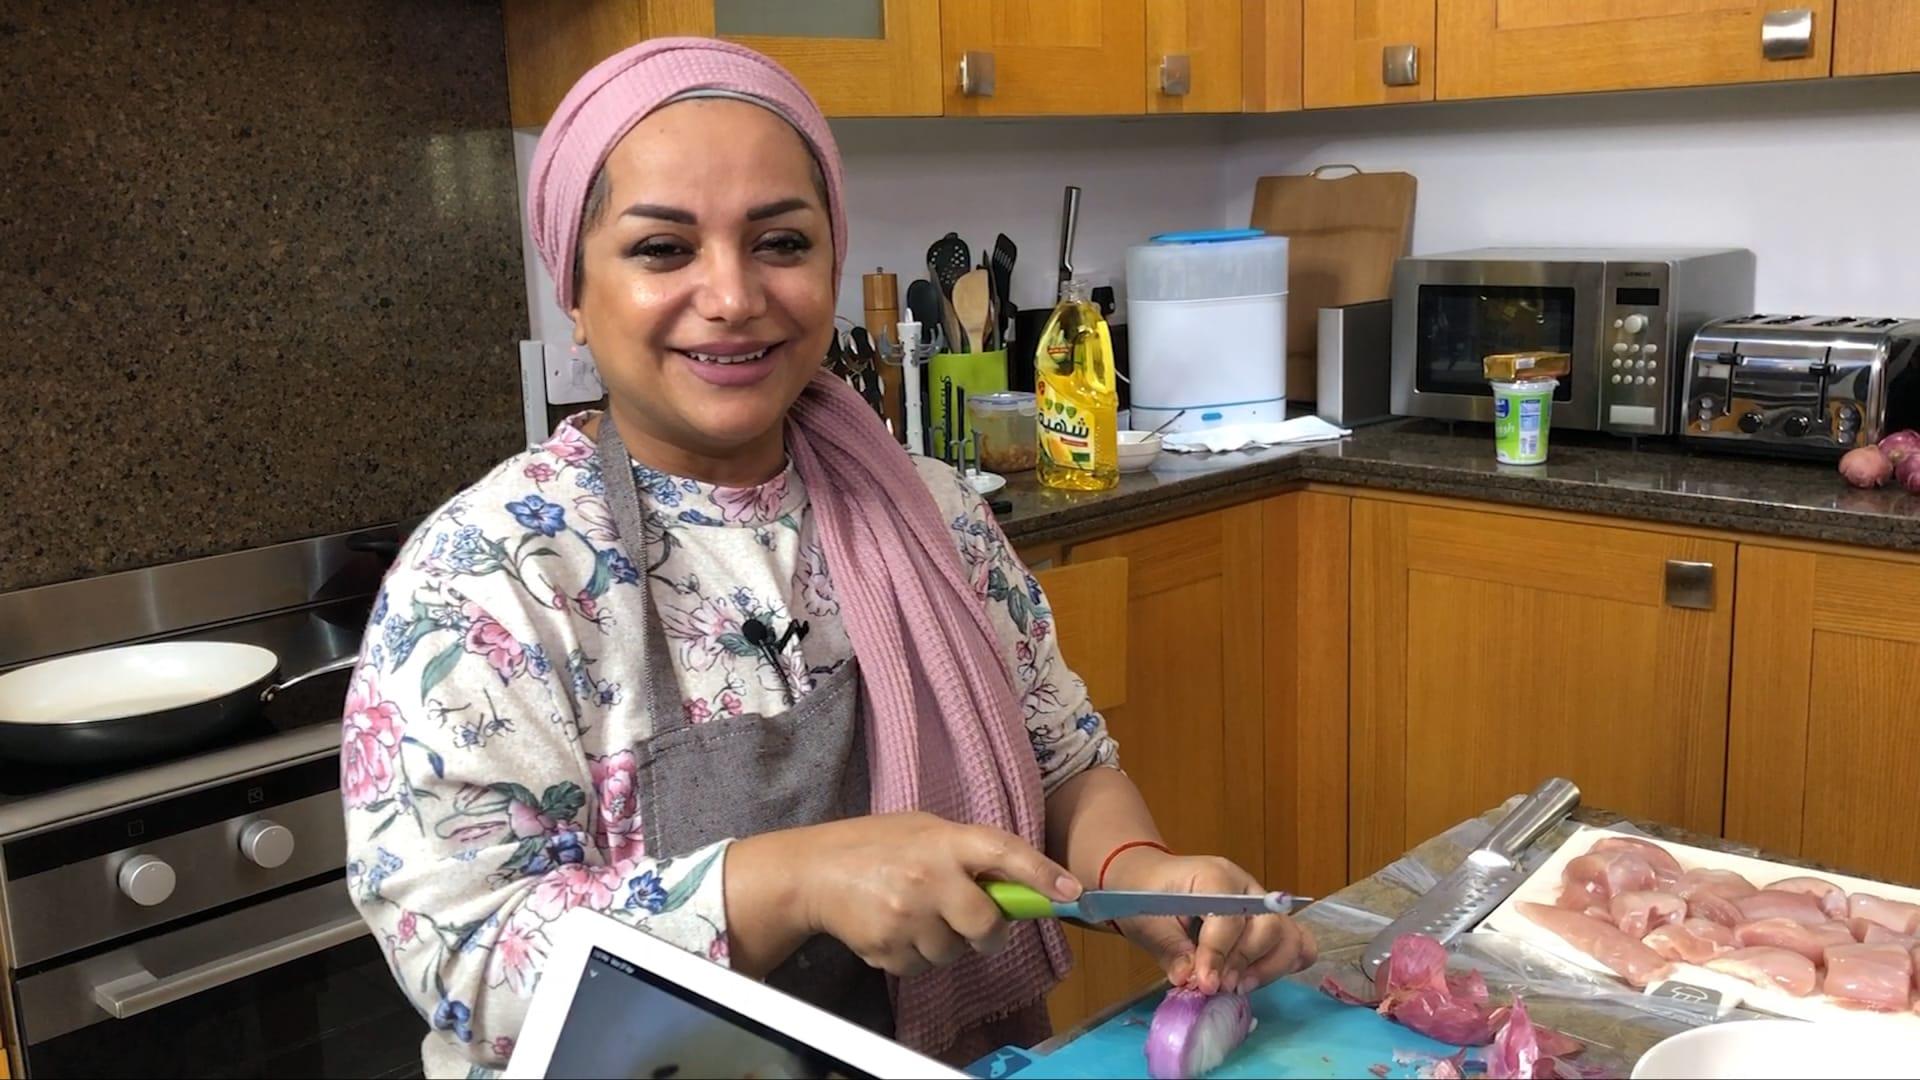 المخرجة نايلة الخاجة تصف كيف تغير شهر رمضان لها هذا العام في خضم تفشي فيروس كورونا